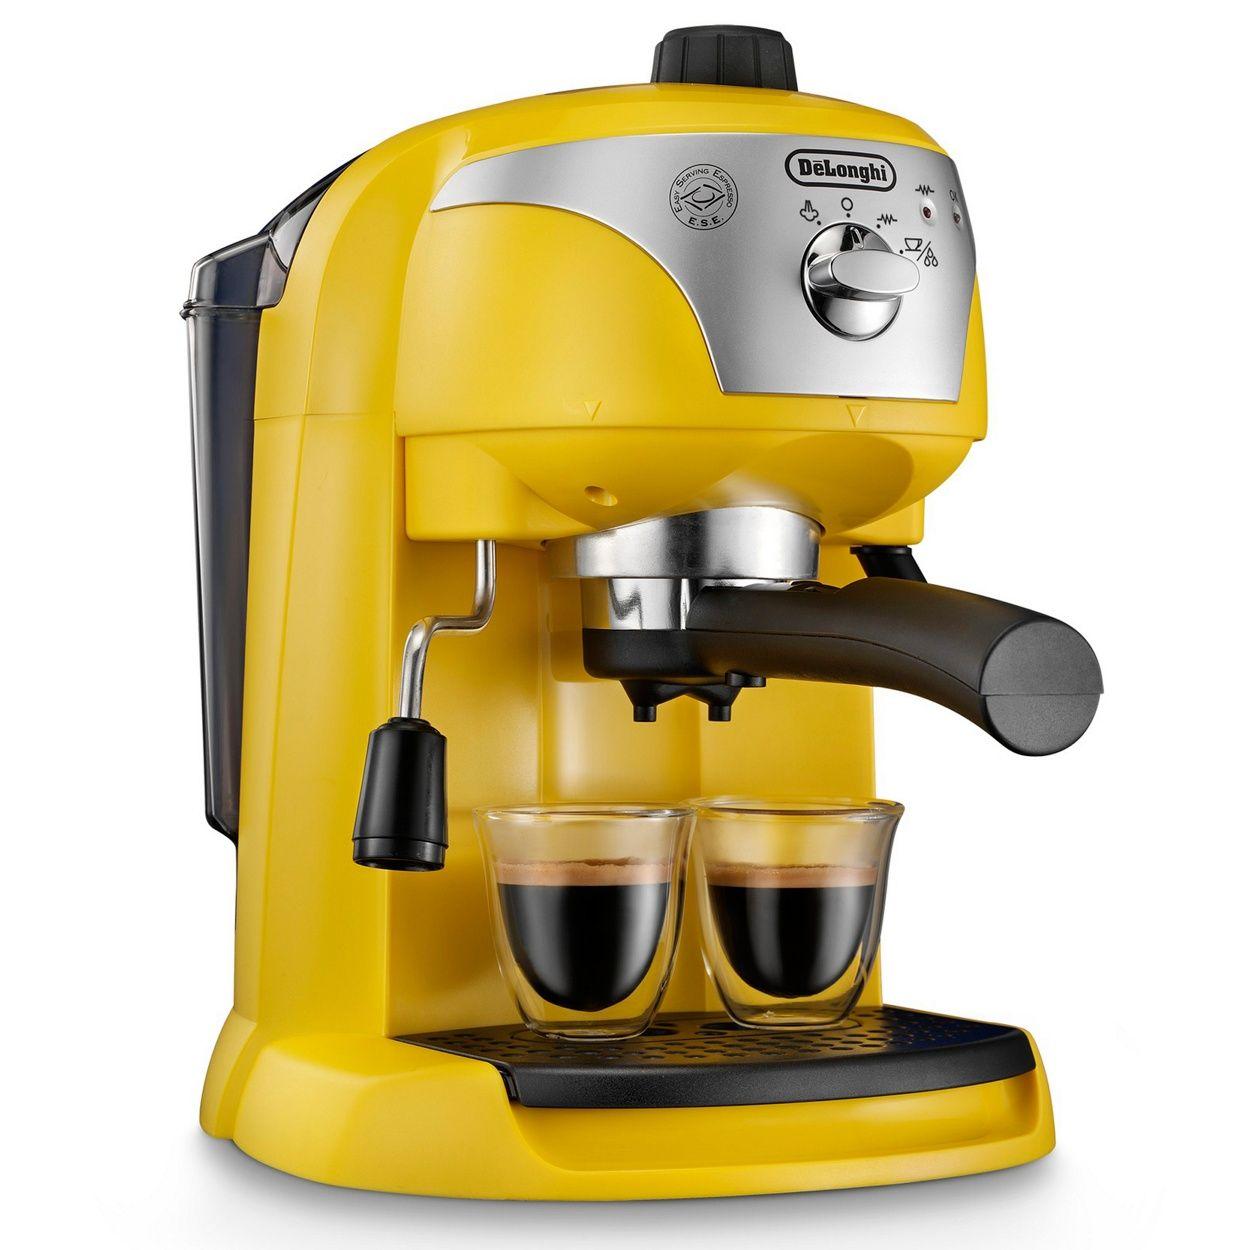 DeLonghi Delonghi yellow 'Motivo' ECC220.Y espresso coffee